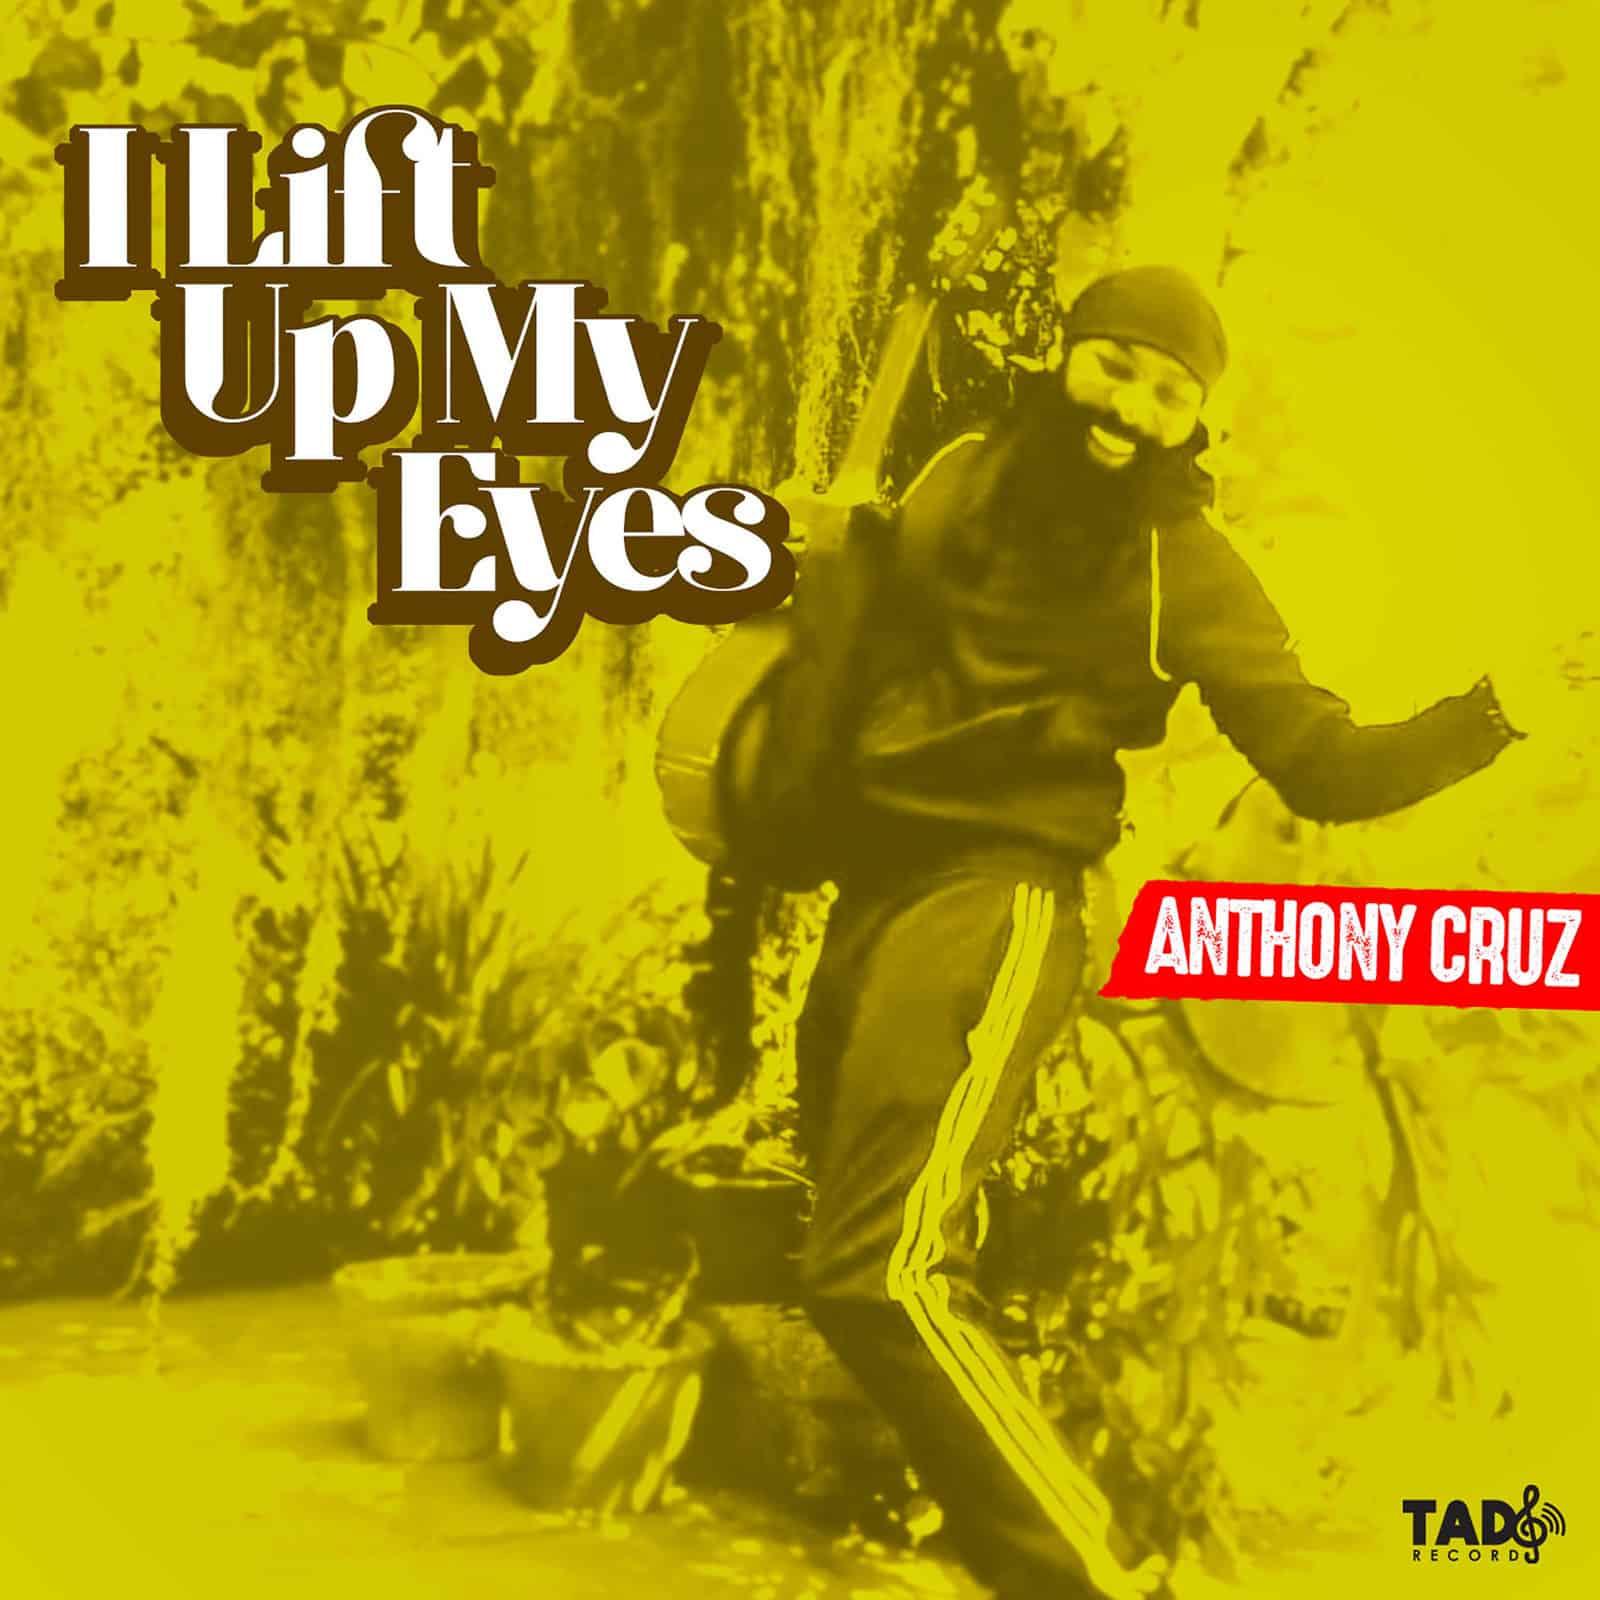 I Lift Up My Eyes by Anthony Cruz